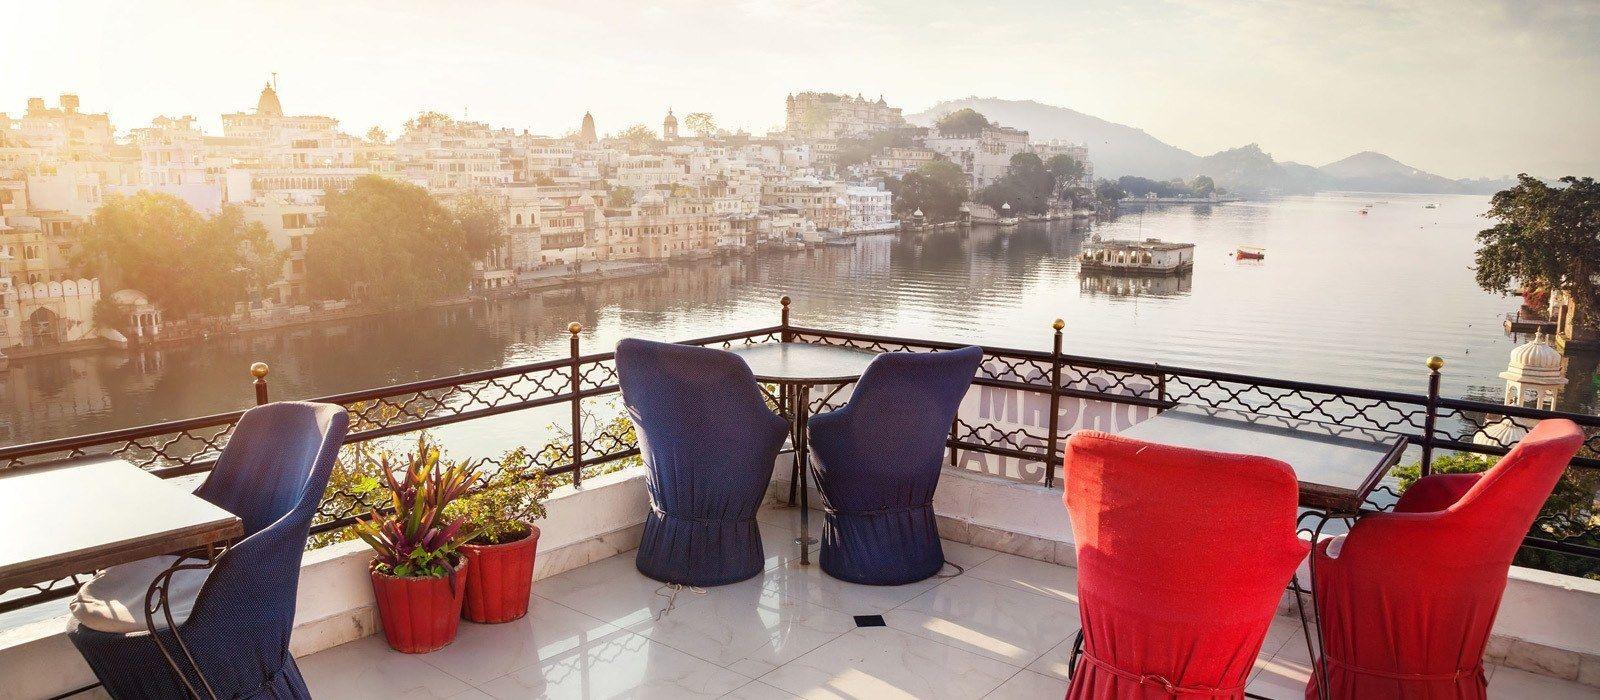 Indien & Malediven: Luxuriöse Honeymoon Reise Urlaub 4